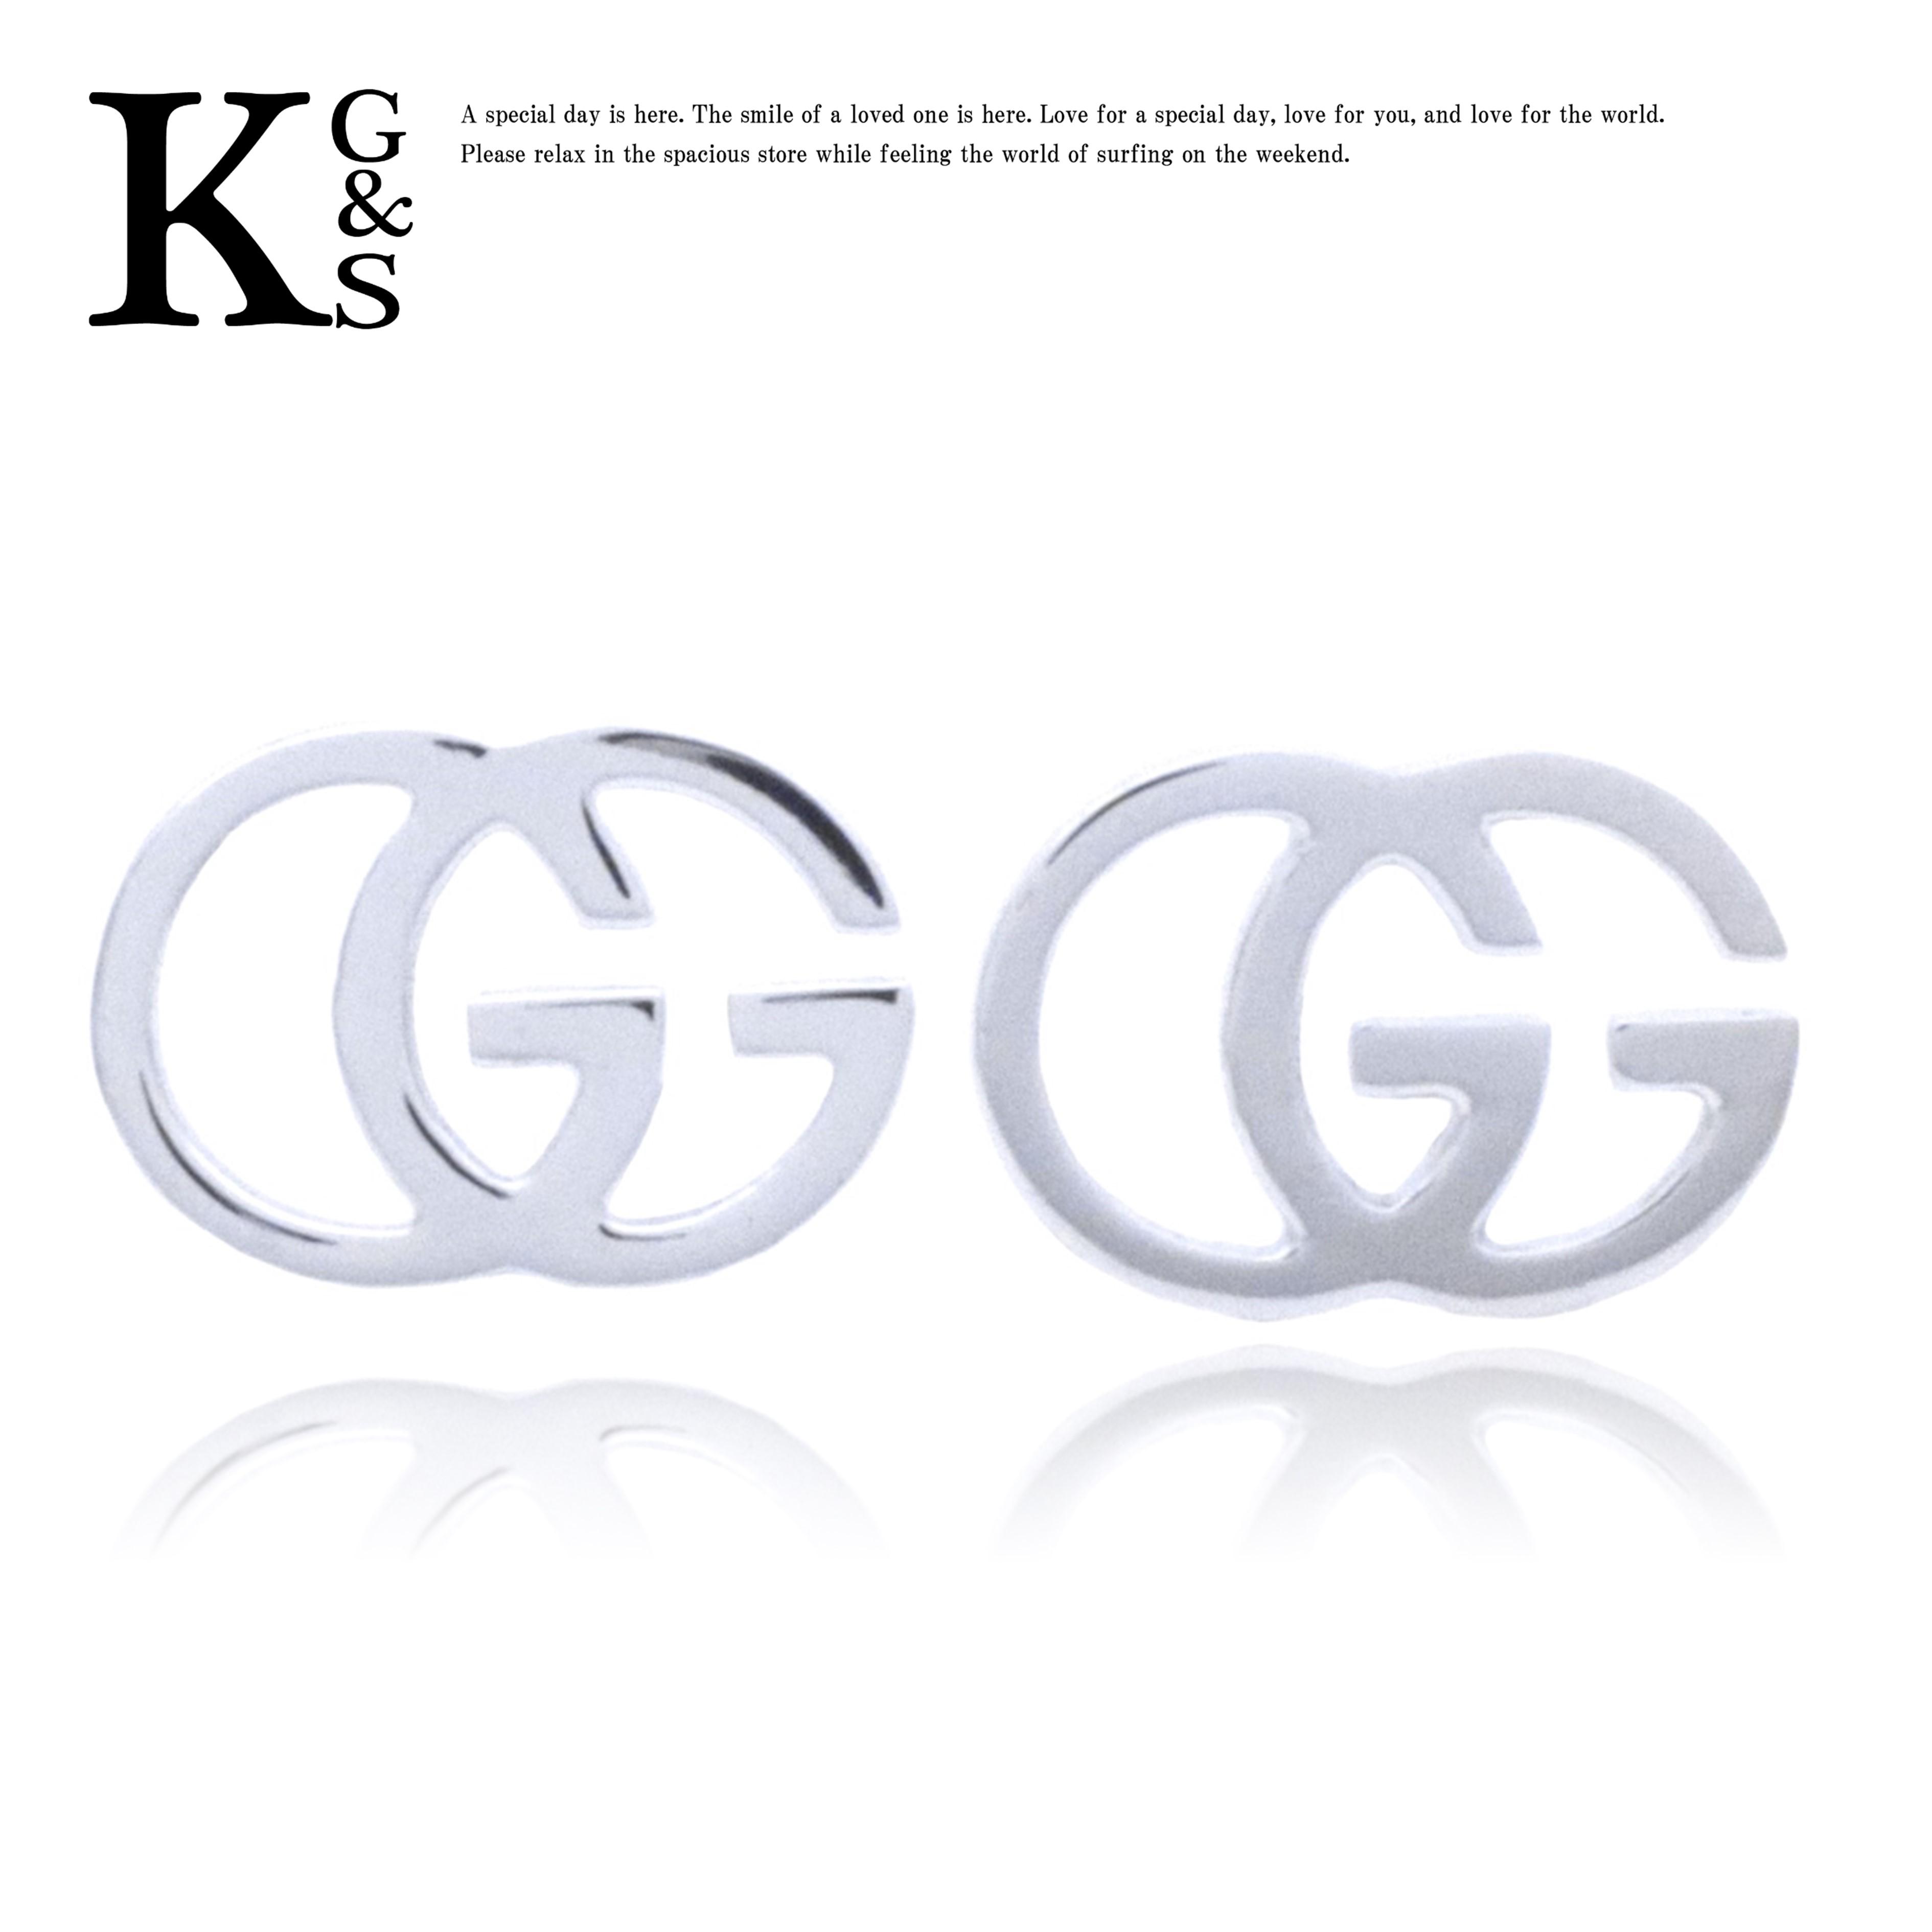 【ギフト品質】グッチ/GUCCI GGロゴ スタッズピアス K18WG ホワイトゴールド 094074 09850 9000 レディース ジュエリー